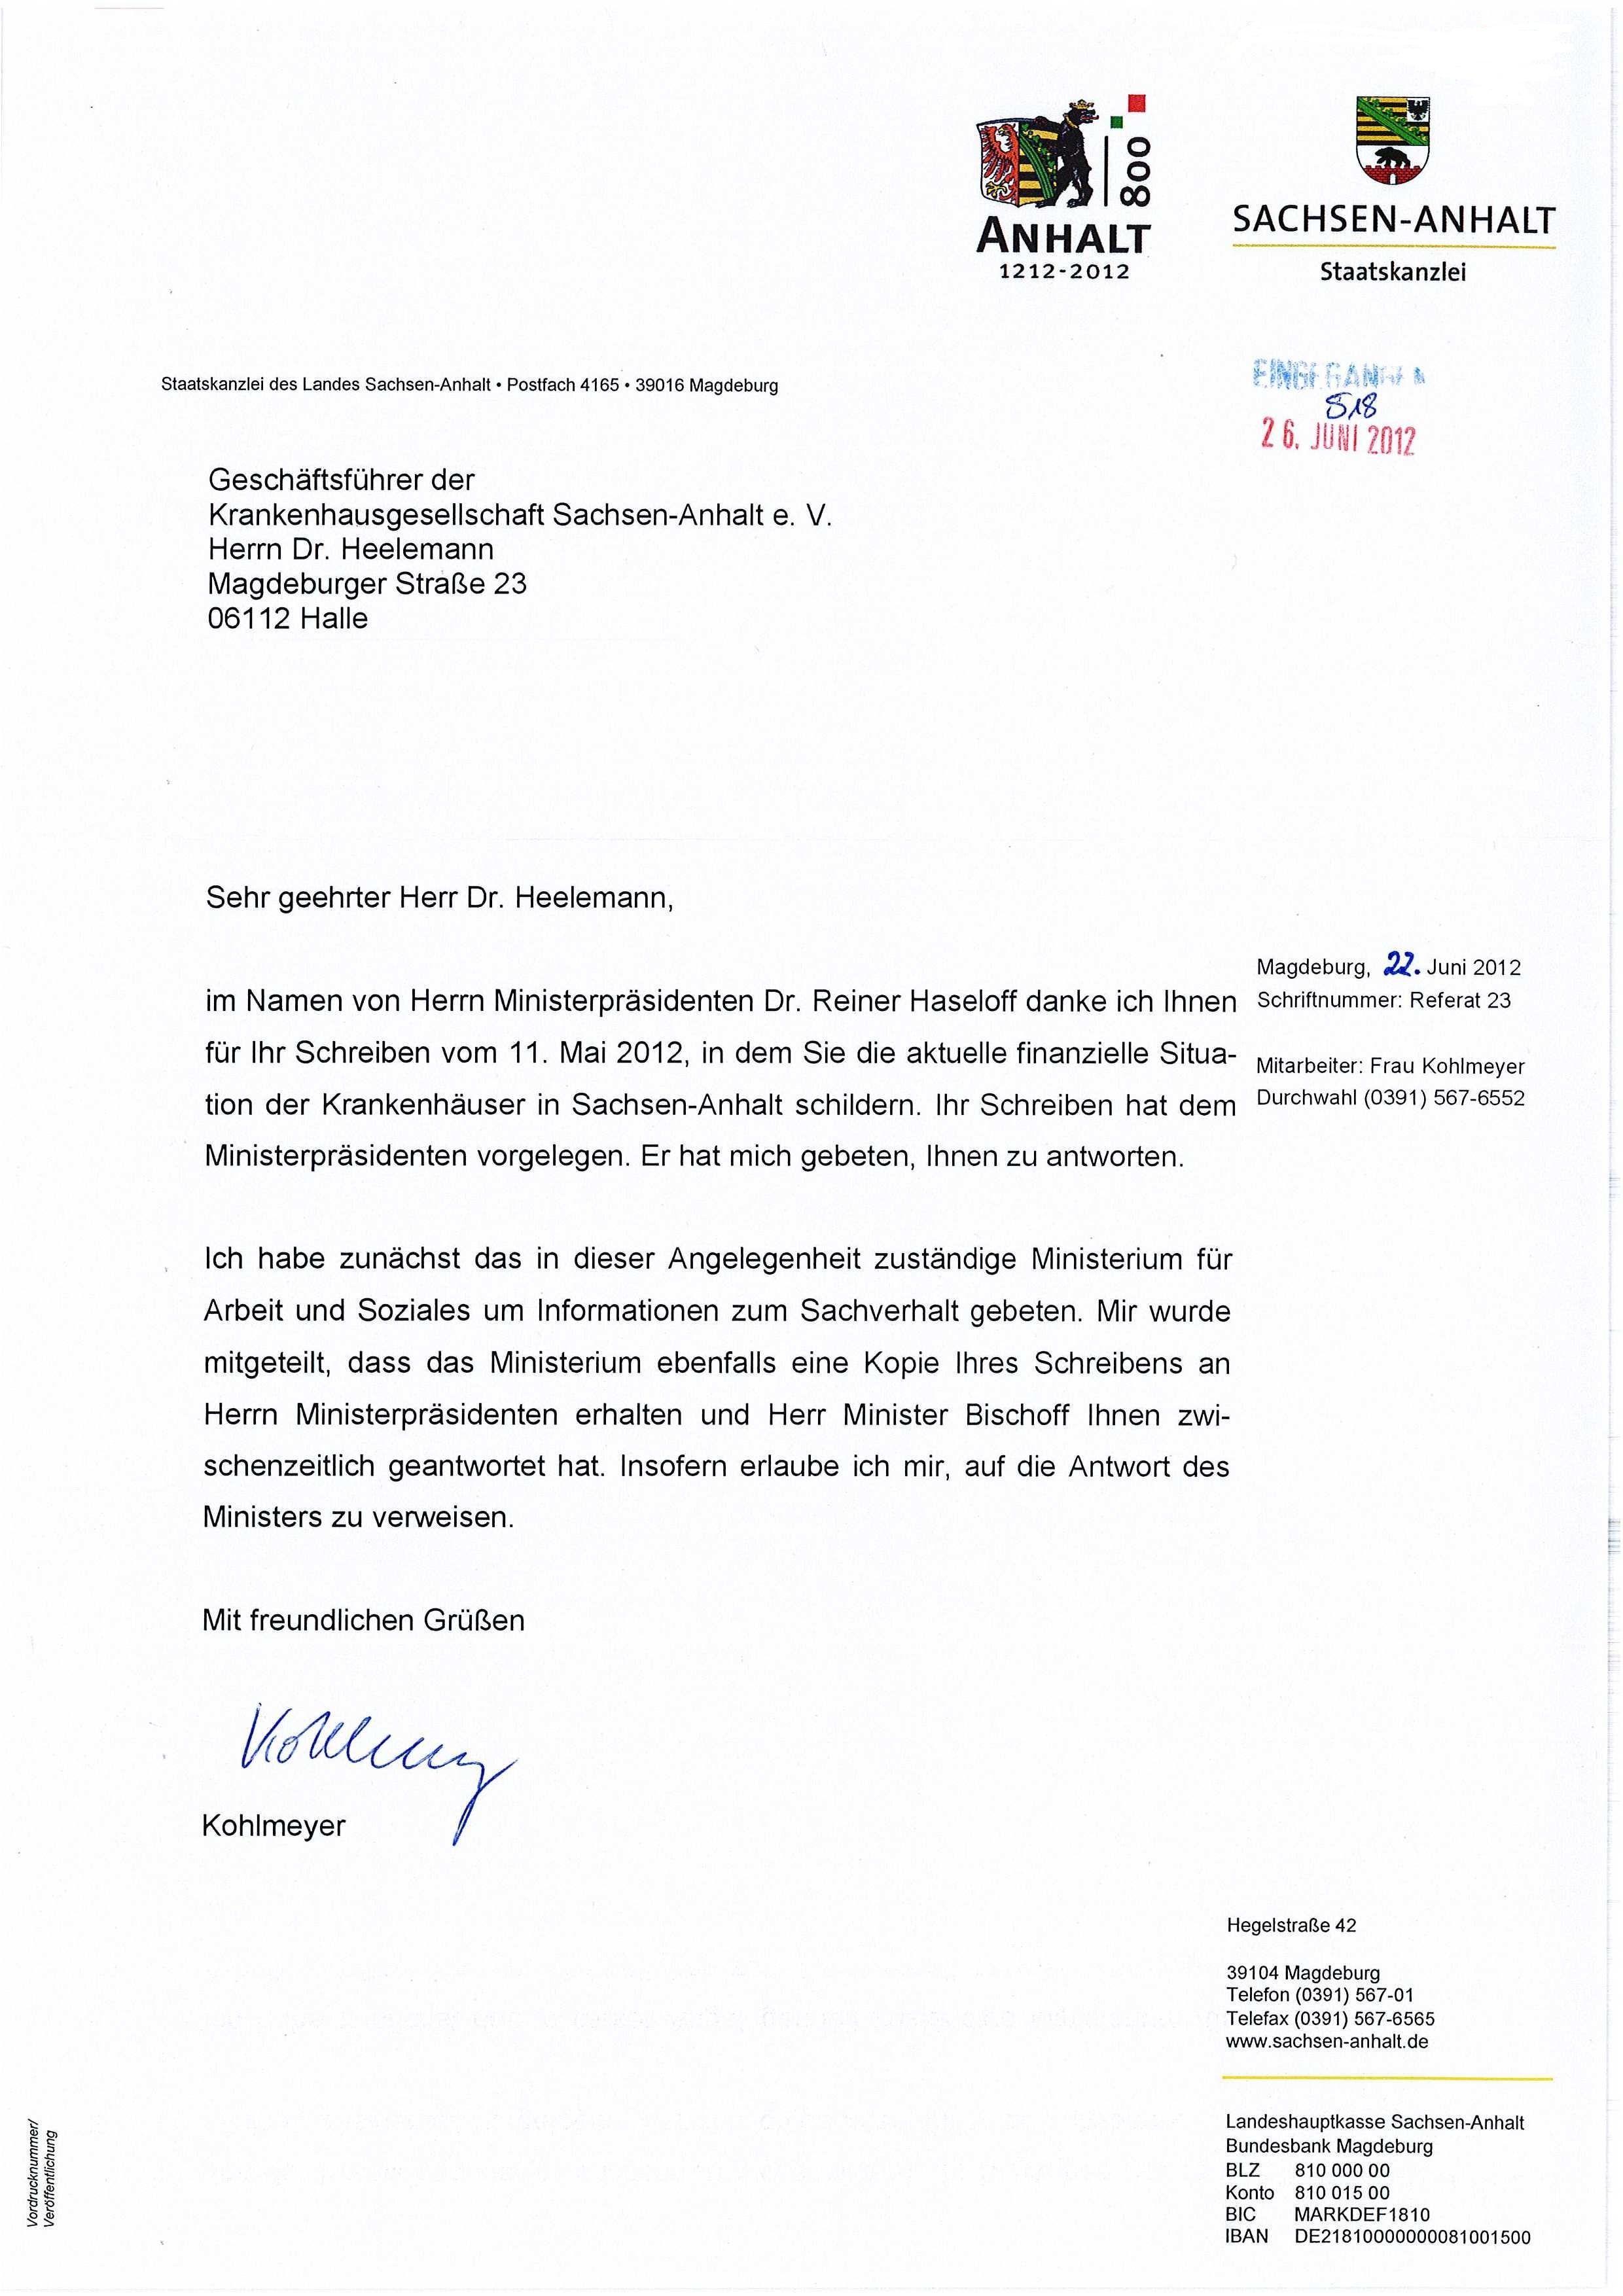 Antwort Ministerbrief_3 062012 neu3.jpg